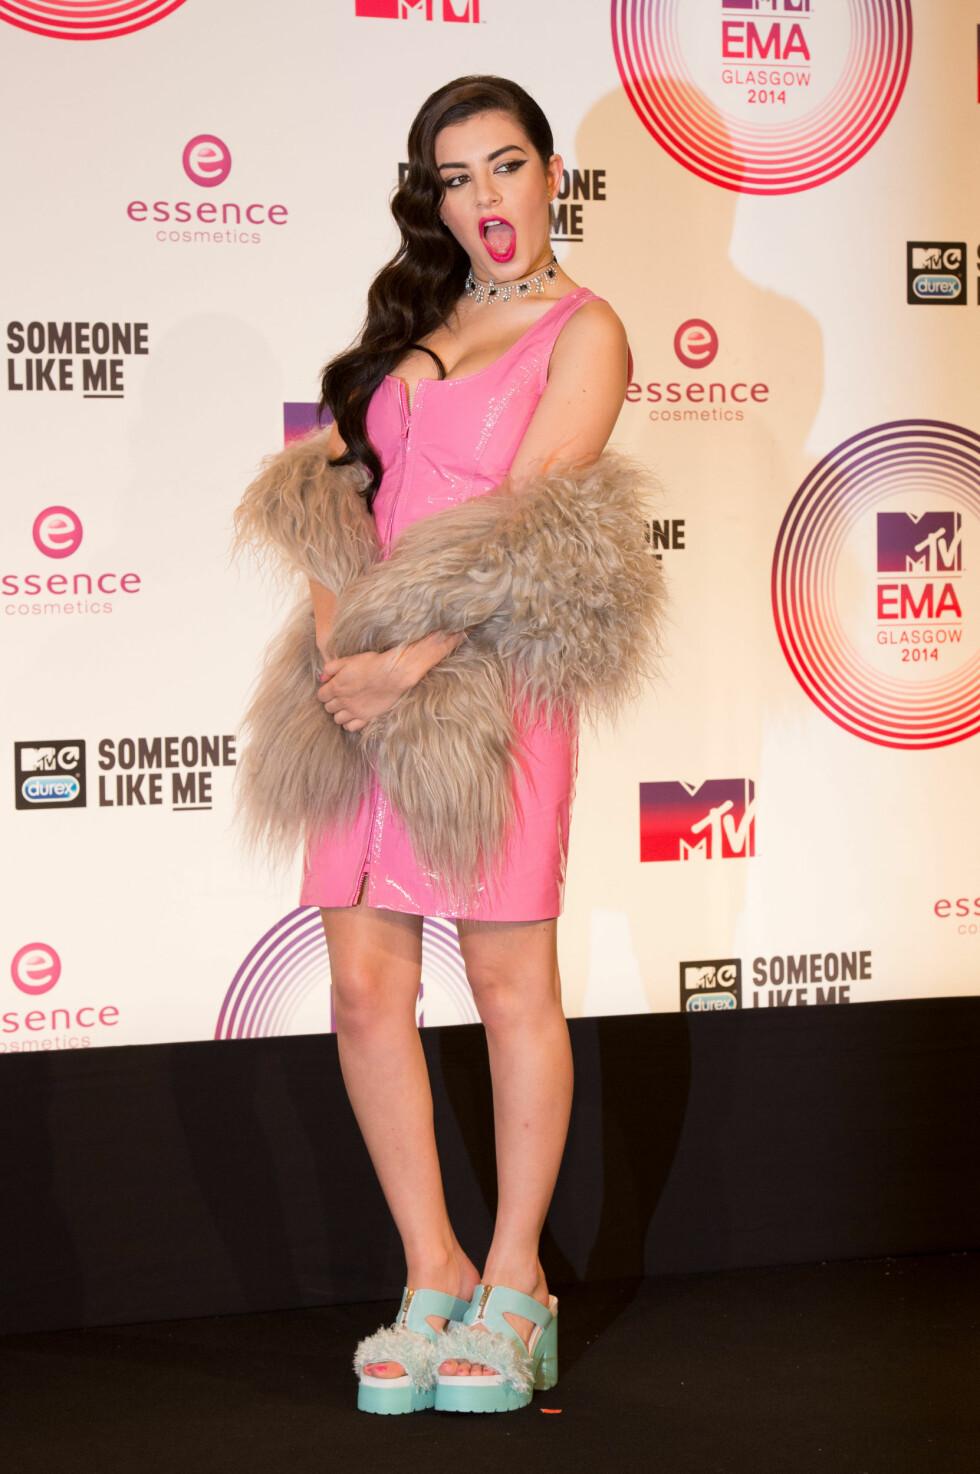 OGSÅ ENER: Artisten Charli XCX var iført lakk og fuskepels på MTV Europe Music Awards i Glasgow i starten av november. Det ble terningkast én på henne også. Foto: Stella Pictures